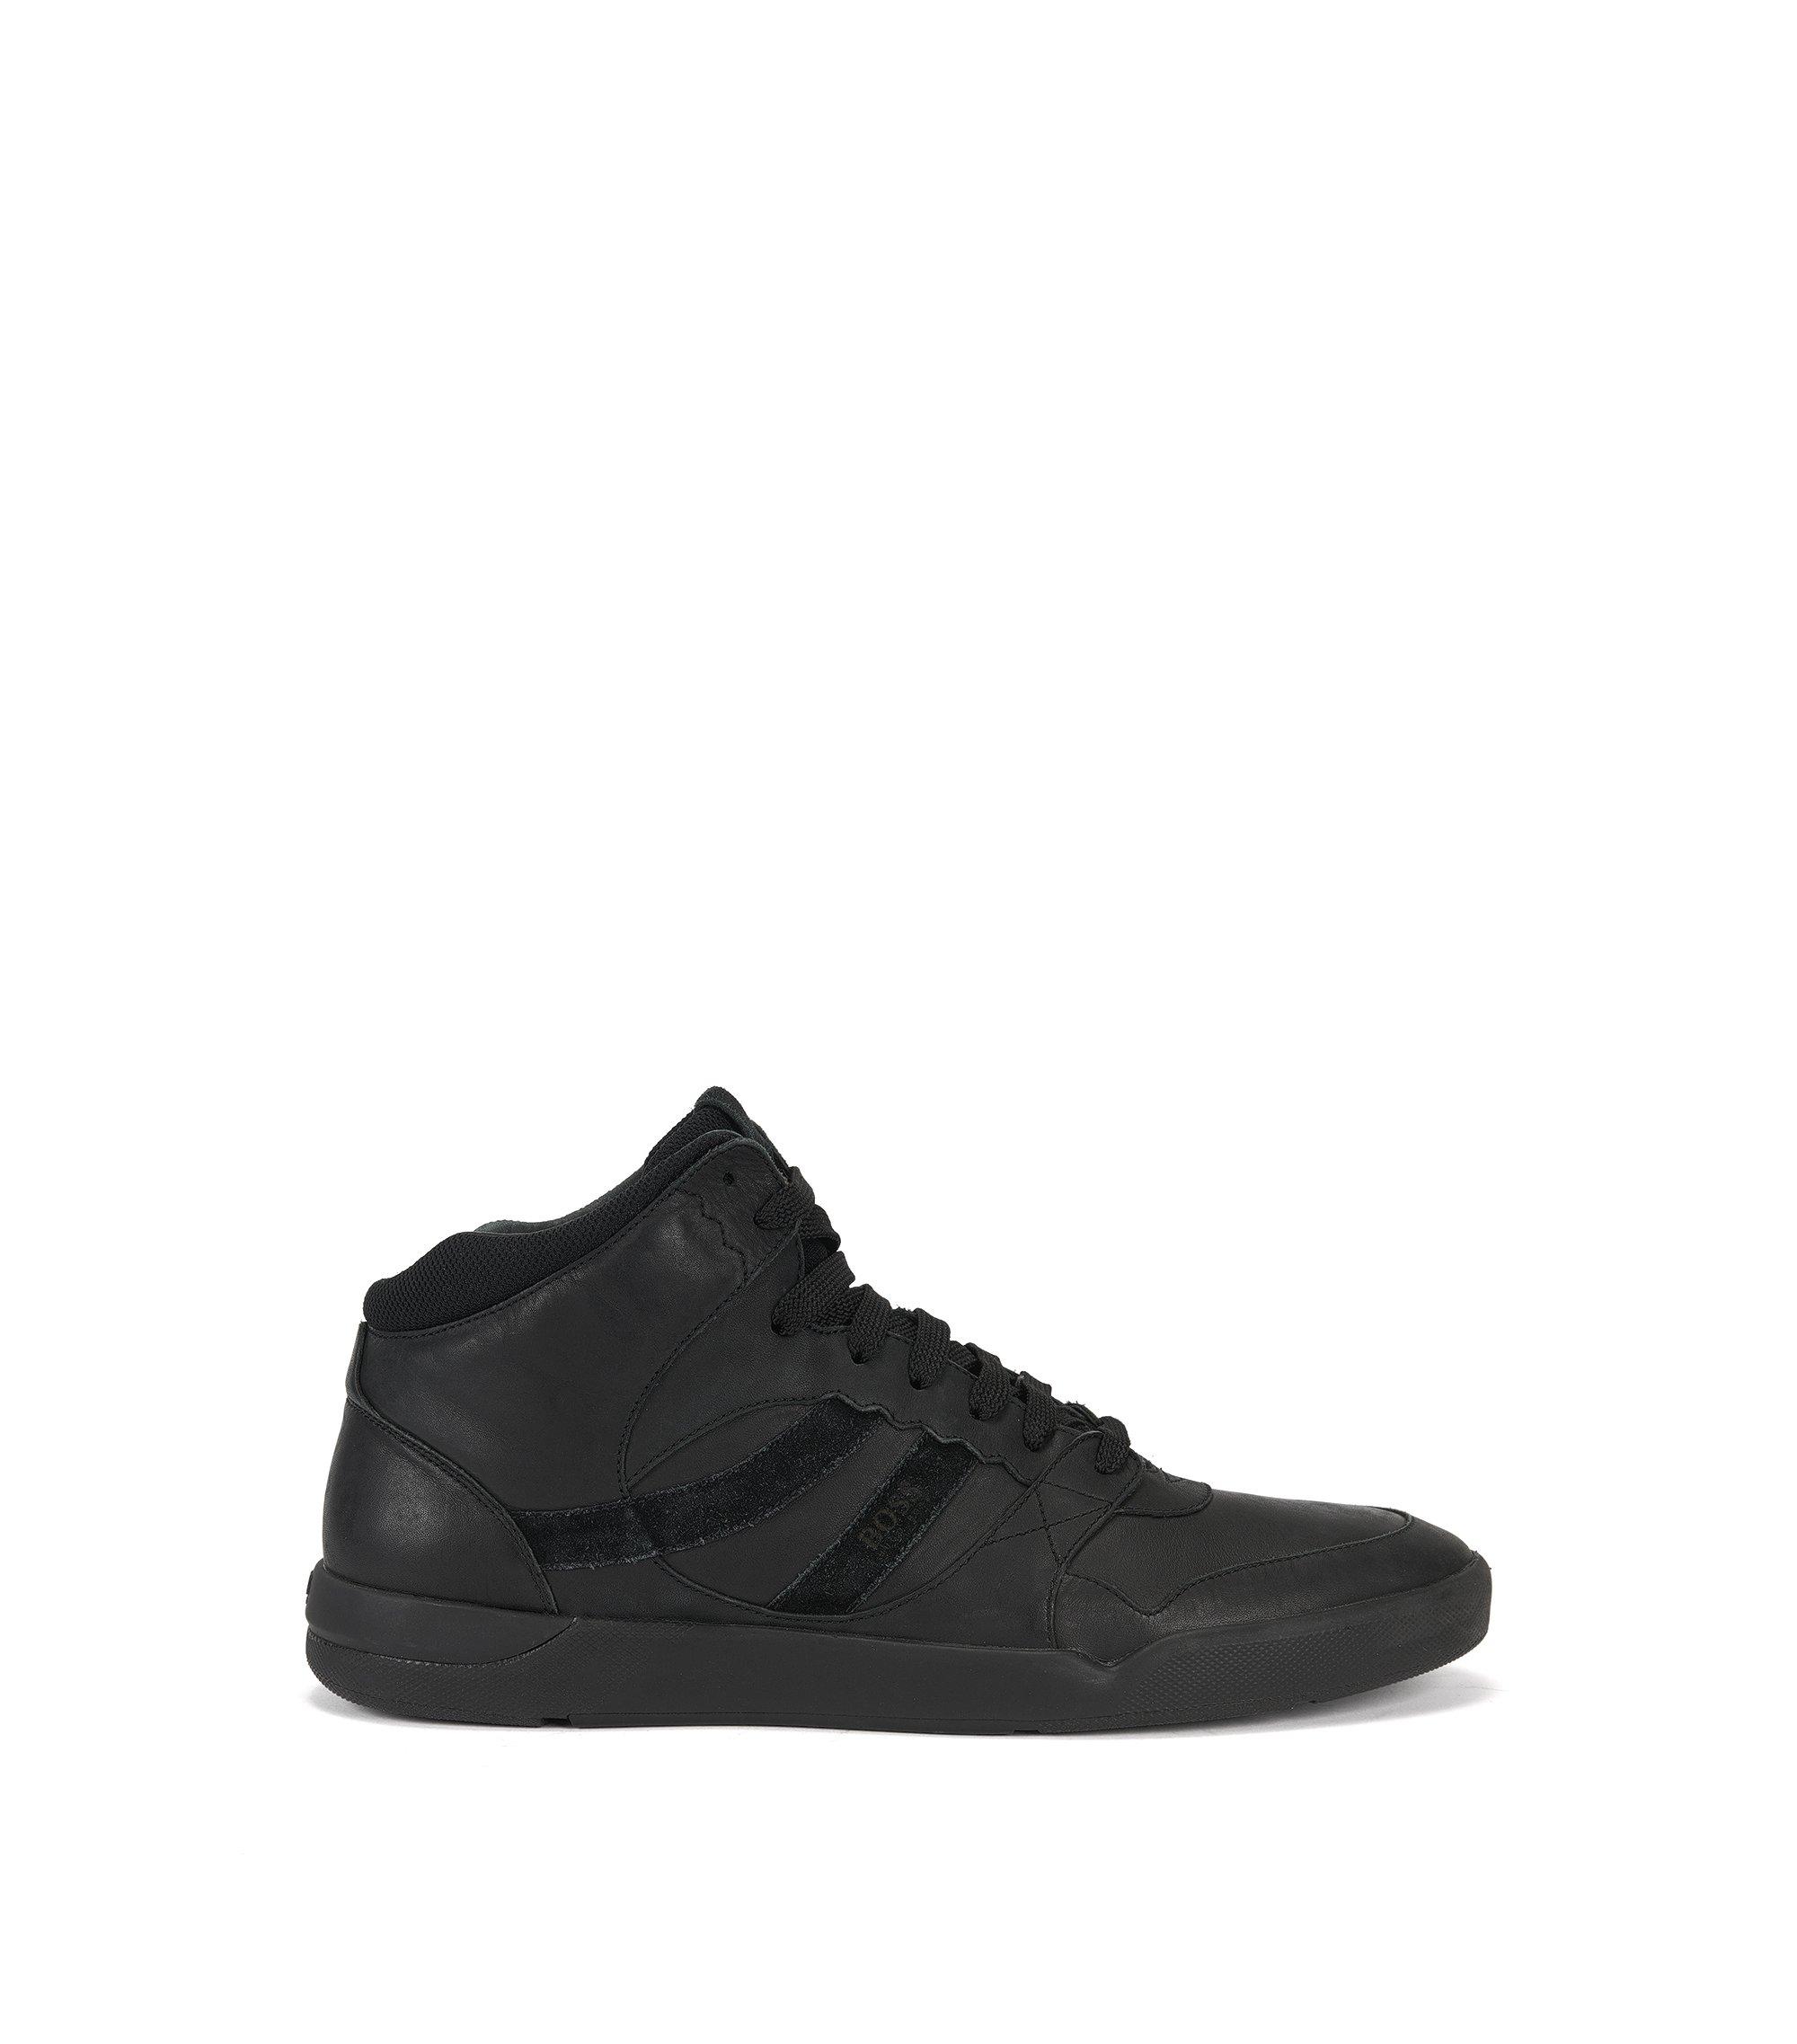 Hightop Sneakers aus gewaschenem Leder, Schwarz